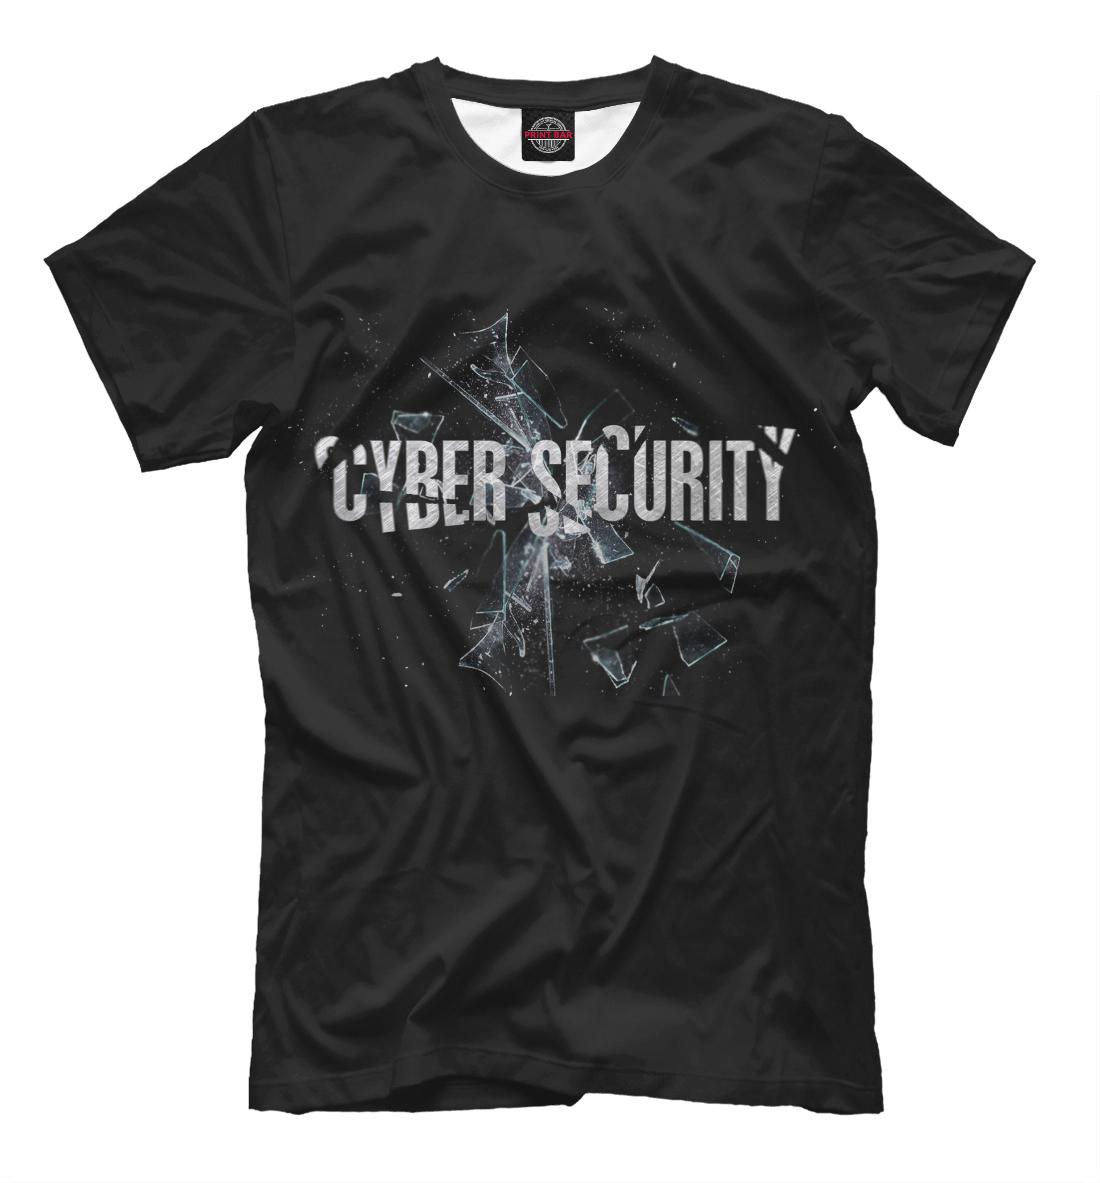 Купить Информационная безопасность, Printbar, Футболки, ITT-935713-fut-2